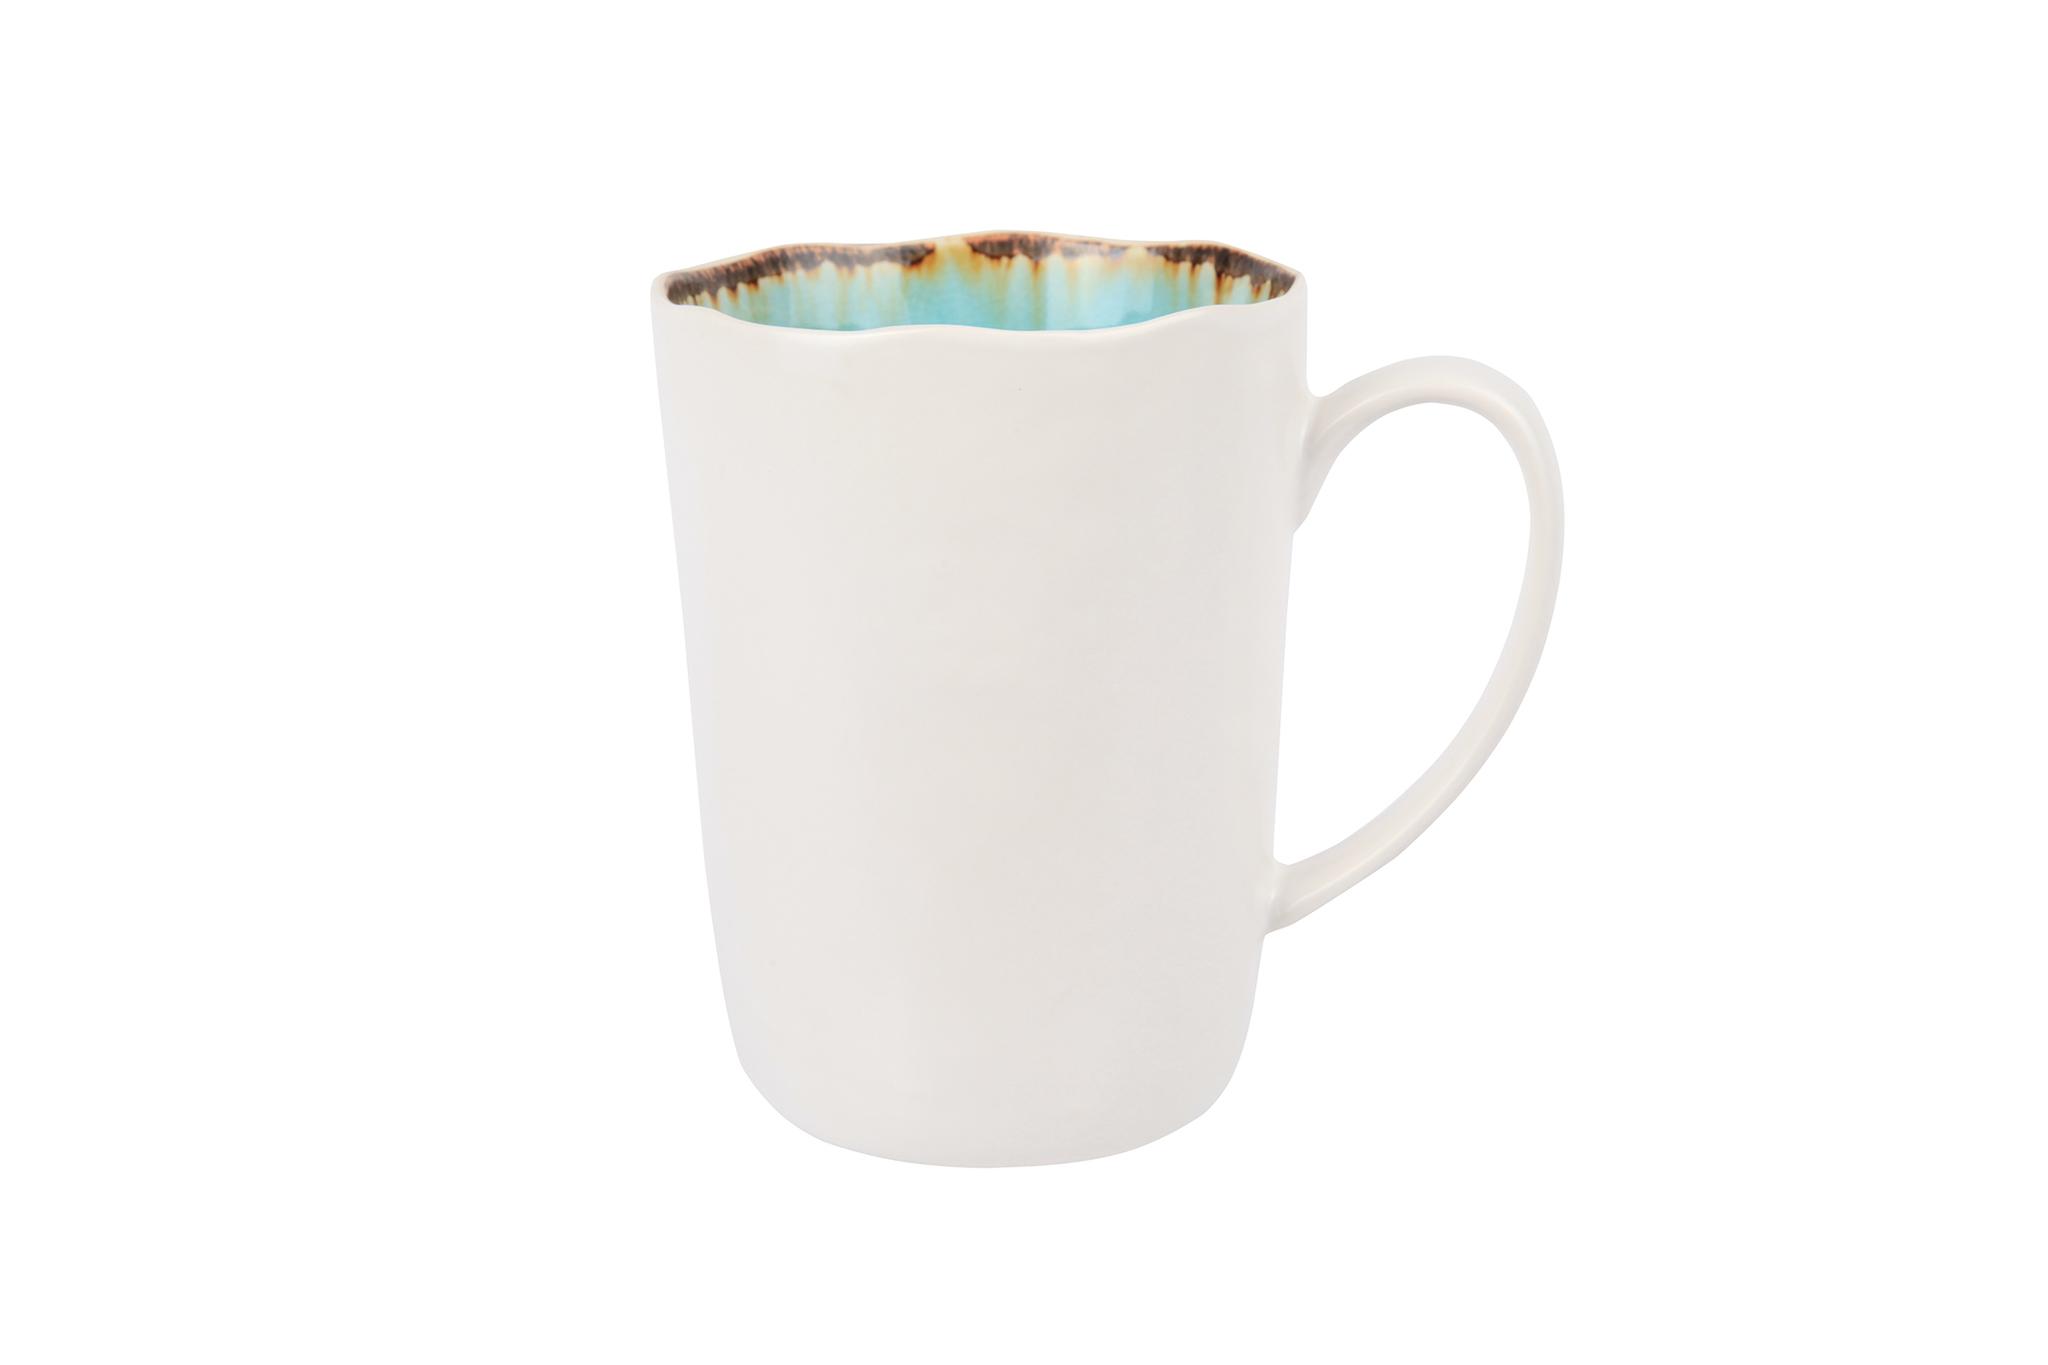 Кружка 8х11 см COSY&amp;TRENDY Laguna azzuro 3358587Кружки и чашки<br>Кружка 8х11 см COSY&amp;TRENDY Laguna azzuro 3358587<br><br>Эта коллекция из каменной керамики поражает удивительным цветом, текстурой и формой. Ярко-голубой оттенок с волнистым рельефом погружают в райскую лагуну. Органические края для дополнительного дизайна. Коллекция Laguna Azzuro воссоздает исключительный внешний вид приготовленных блюд.<br>